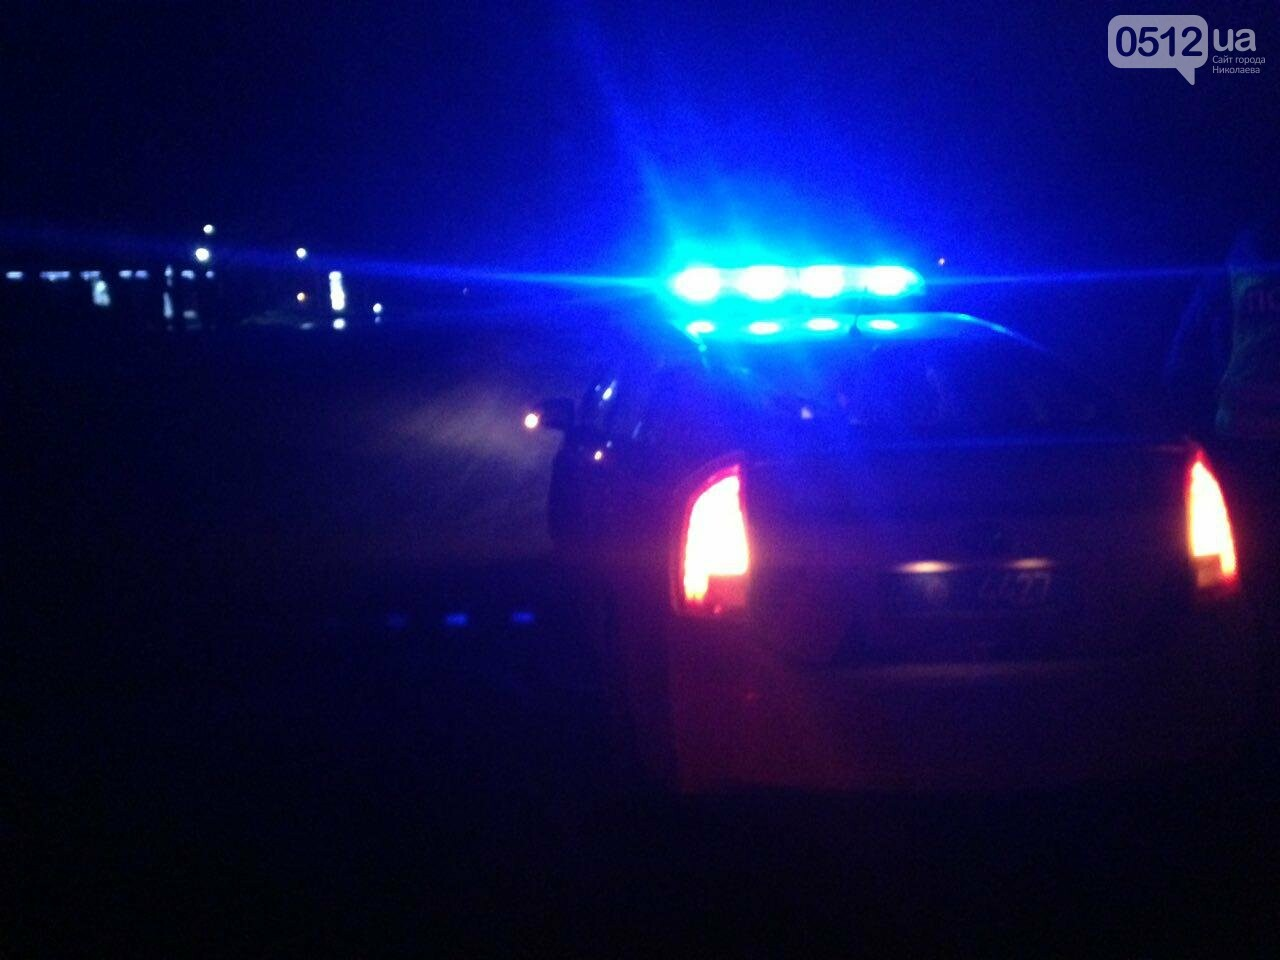 """На въезде в Николаев """"легковушка"""" лоб в лоб столкнулась с грузовиком - есть пострадавшие, - ФОТО, ВИДЕО, фото-5"""